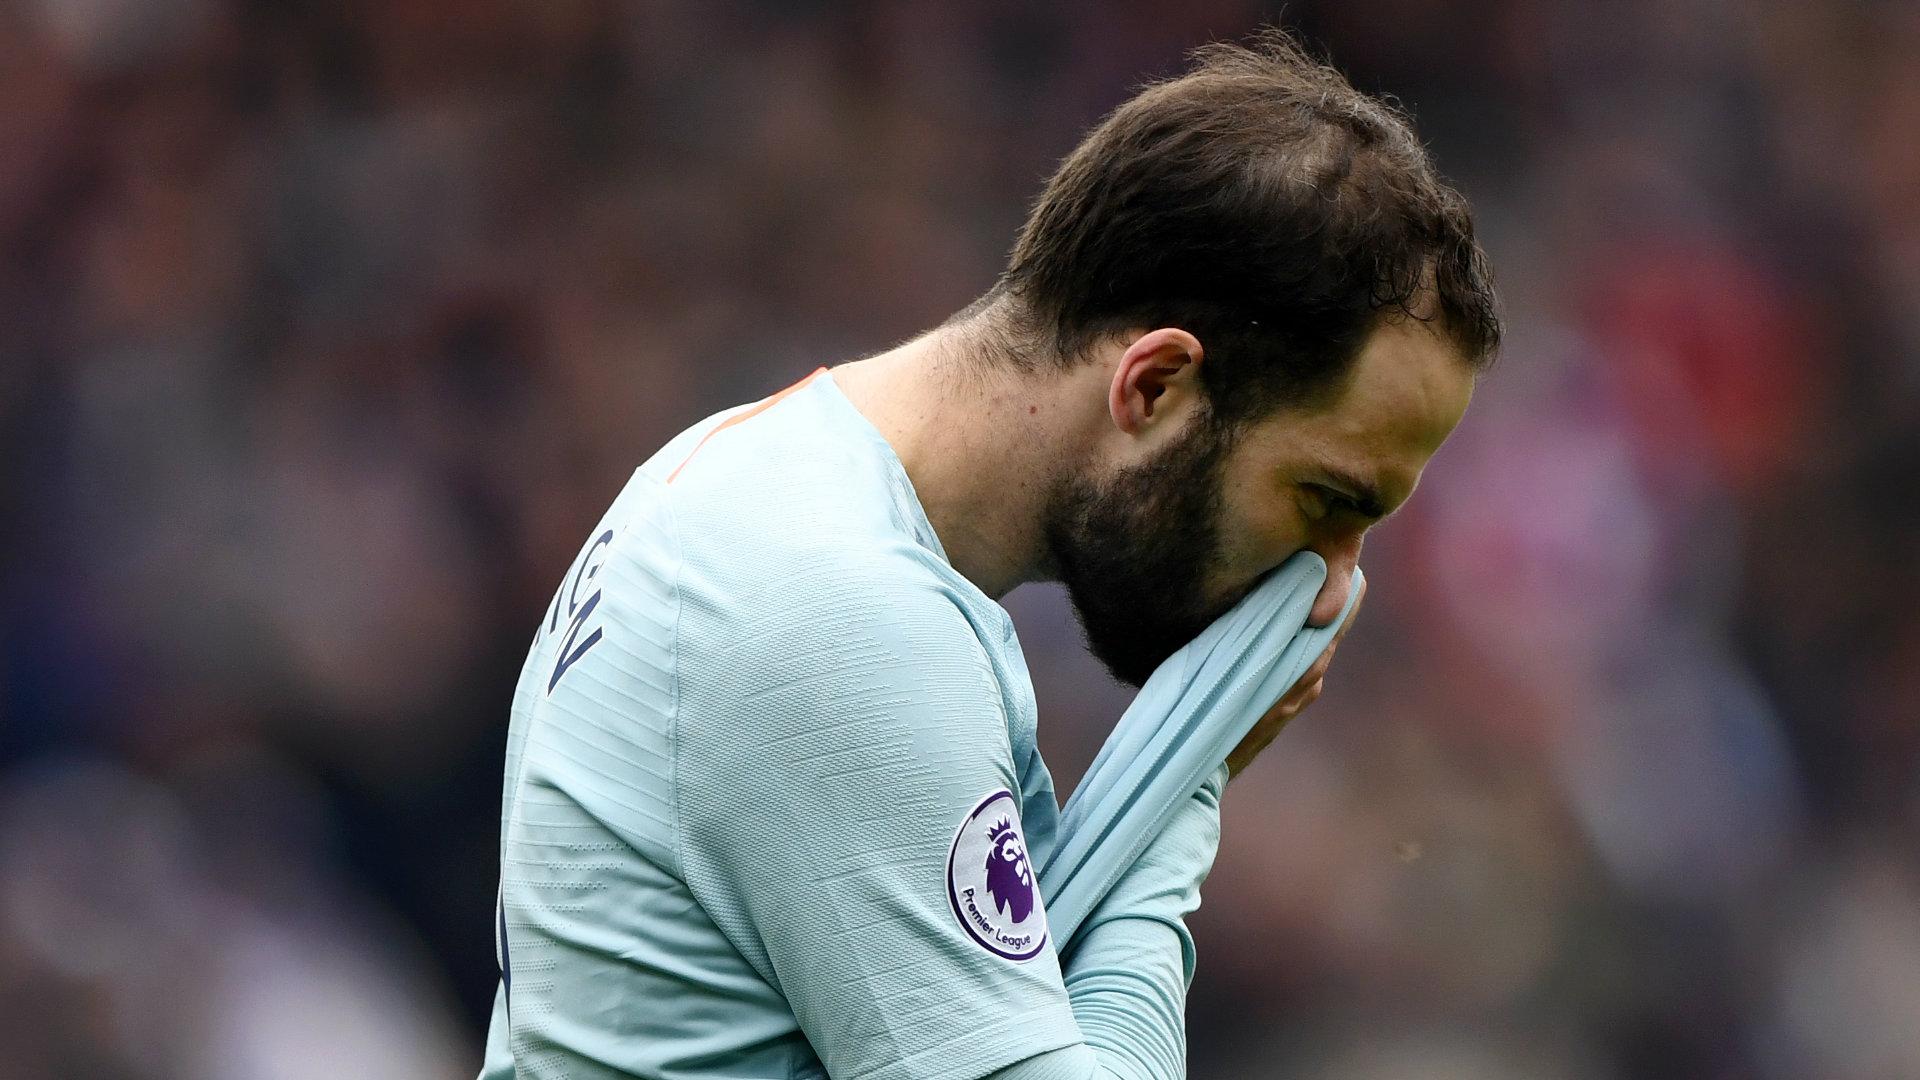 Gonzalo Higuain Cardiff vs Chelsea Premier League 2018-19